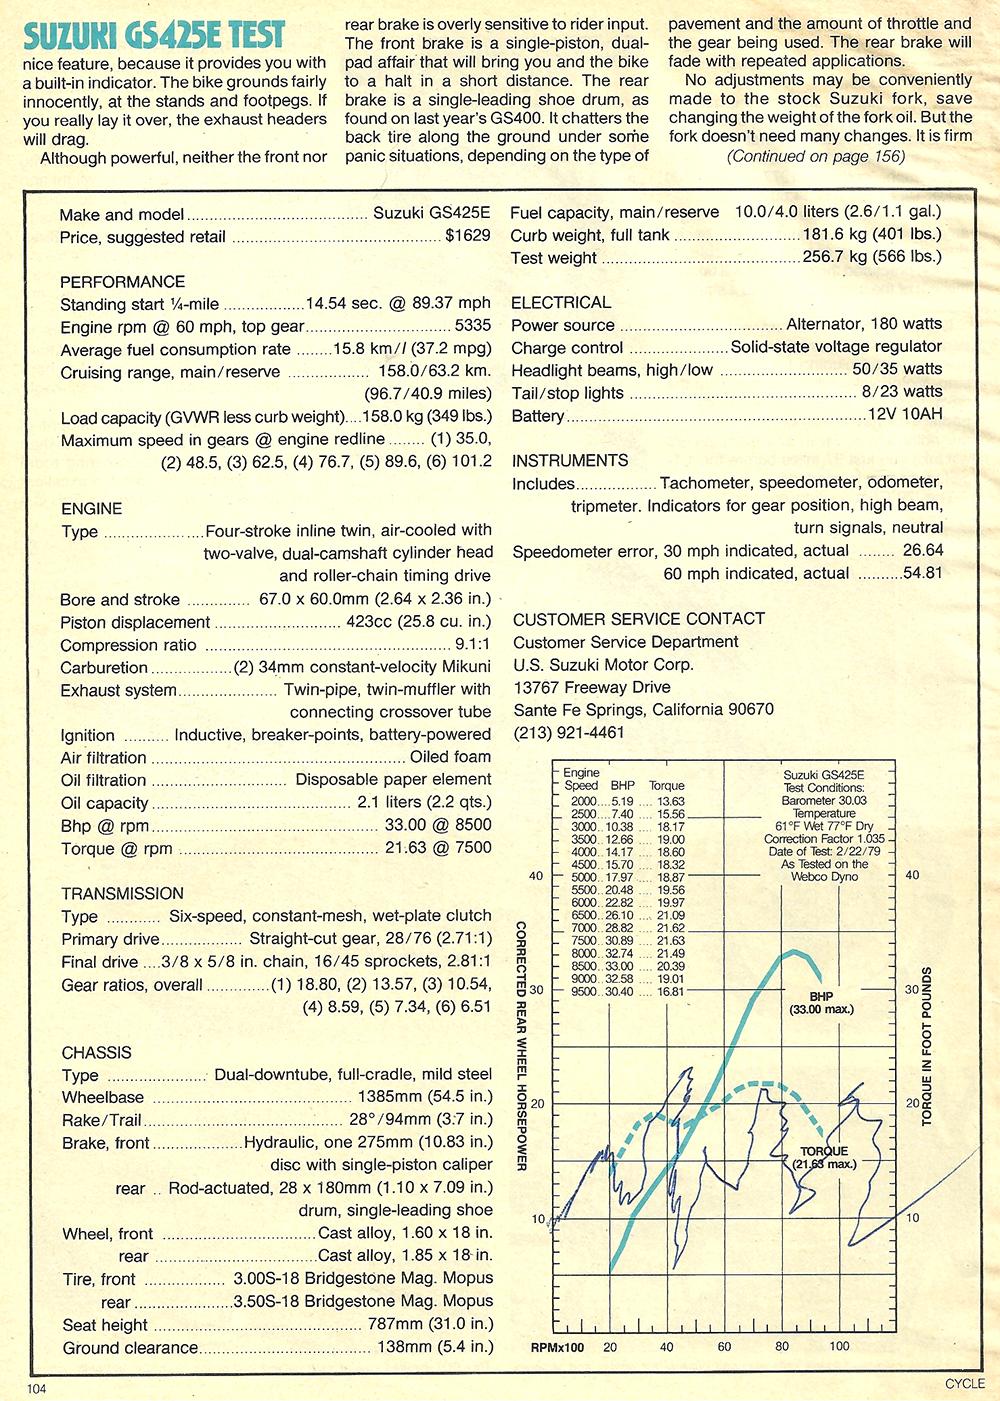 1979 Suzuki GS425E road test 07.jpg